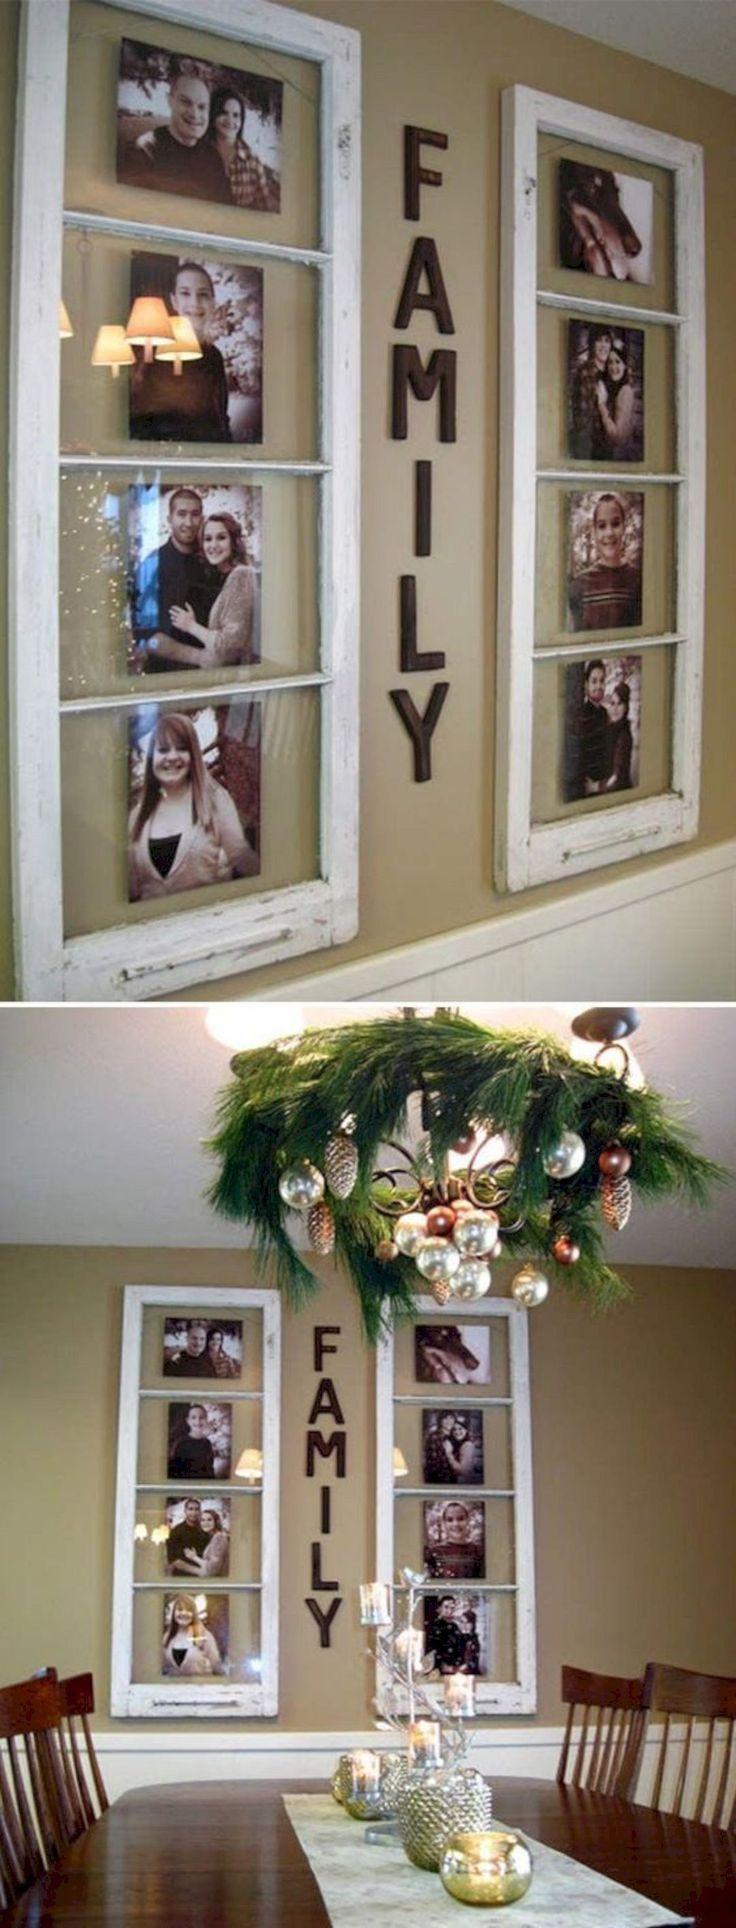 17 cool diy home decor picture frames - Unique Diy Home Decor Ideas